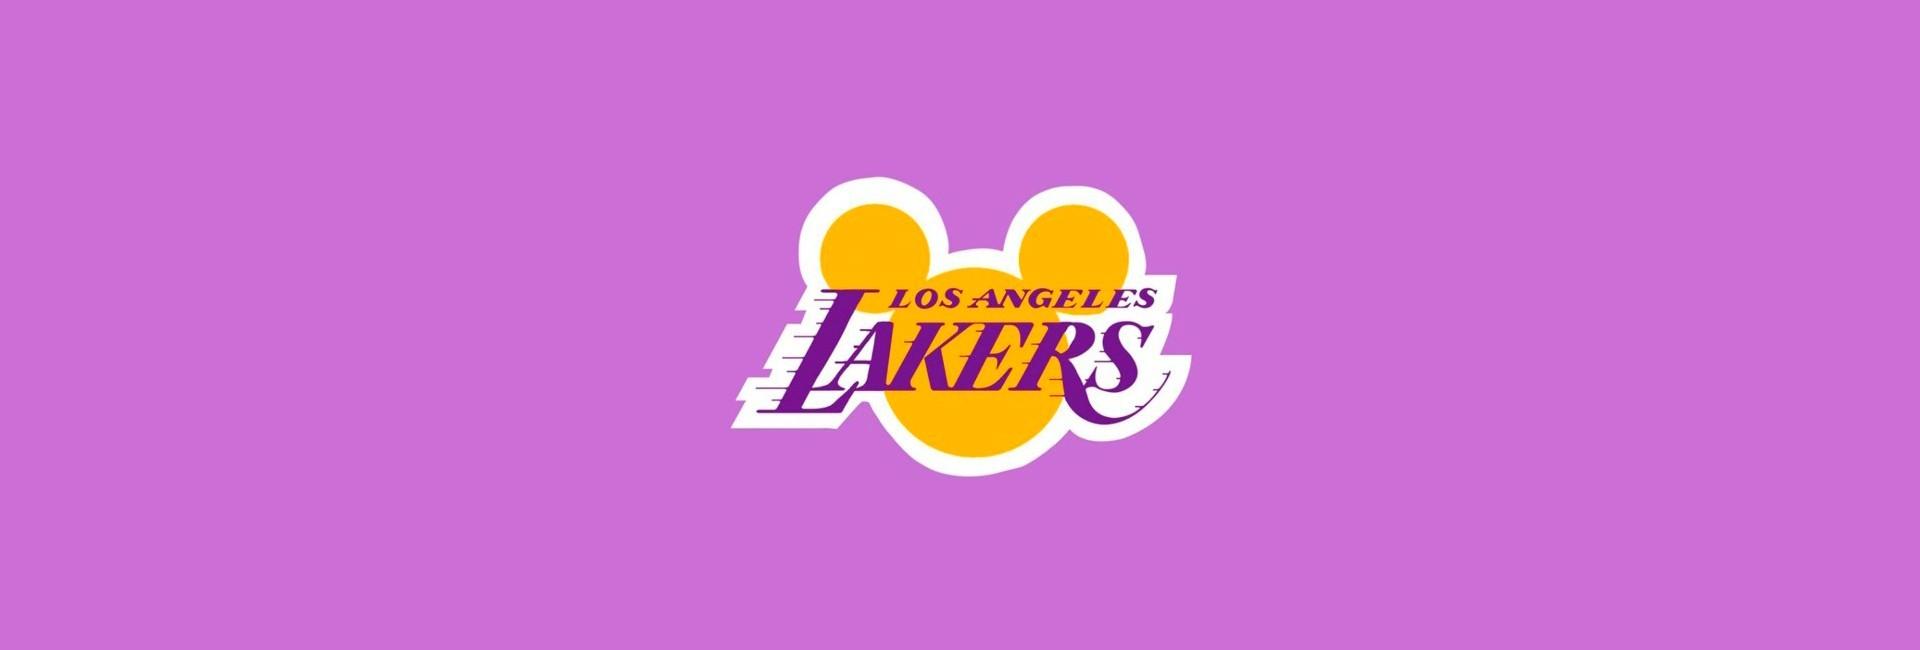 Equipos de la NBA al estilo Disney